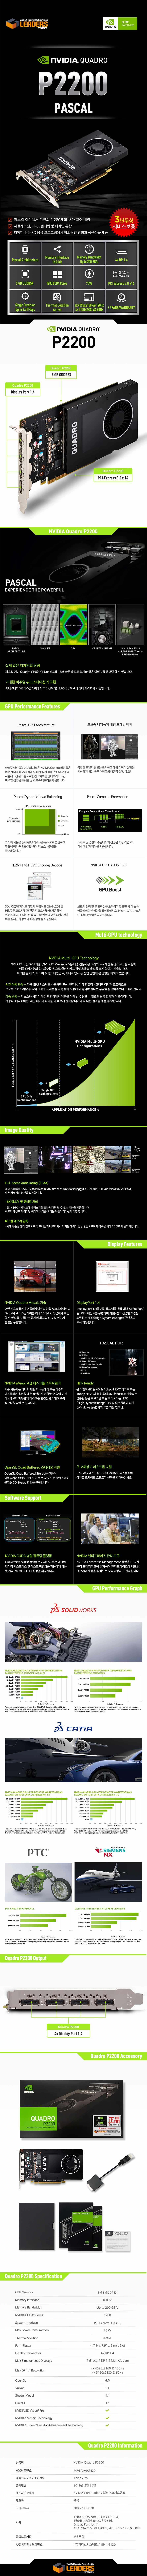 리드텍  쿼드로 P2200 D5X 5GB 리더스시스템즈